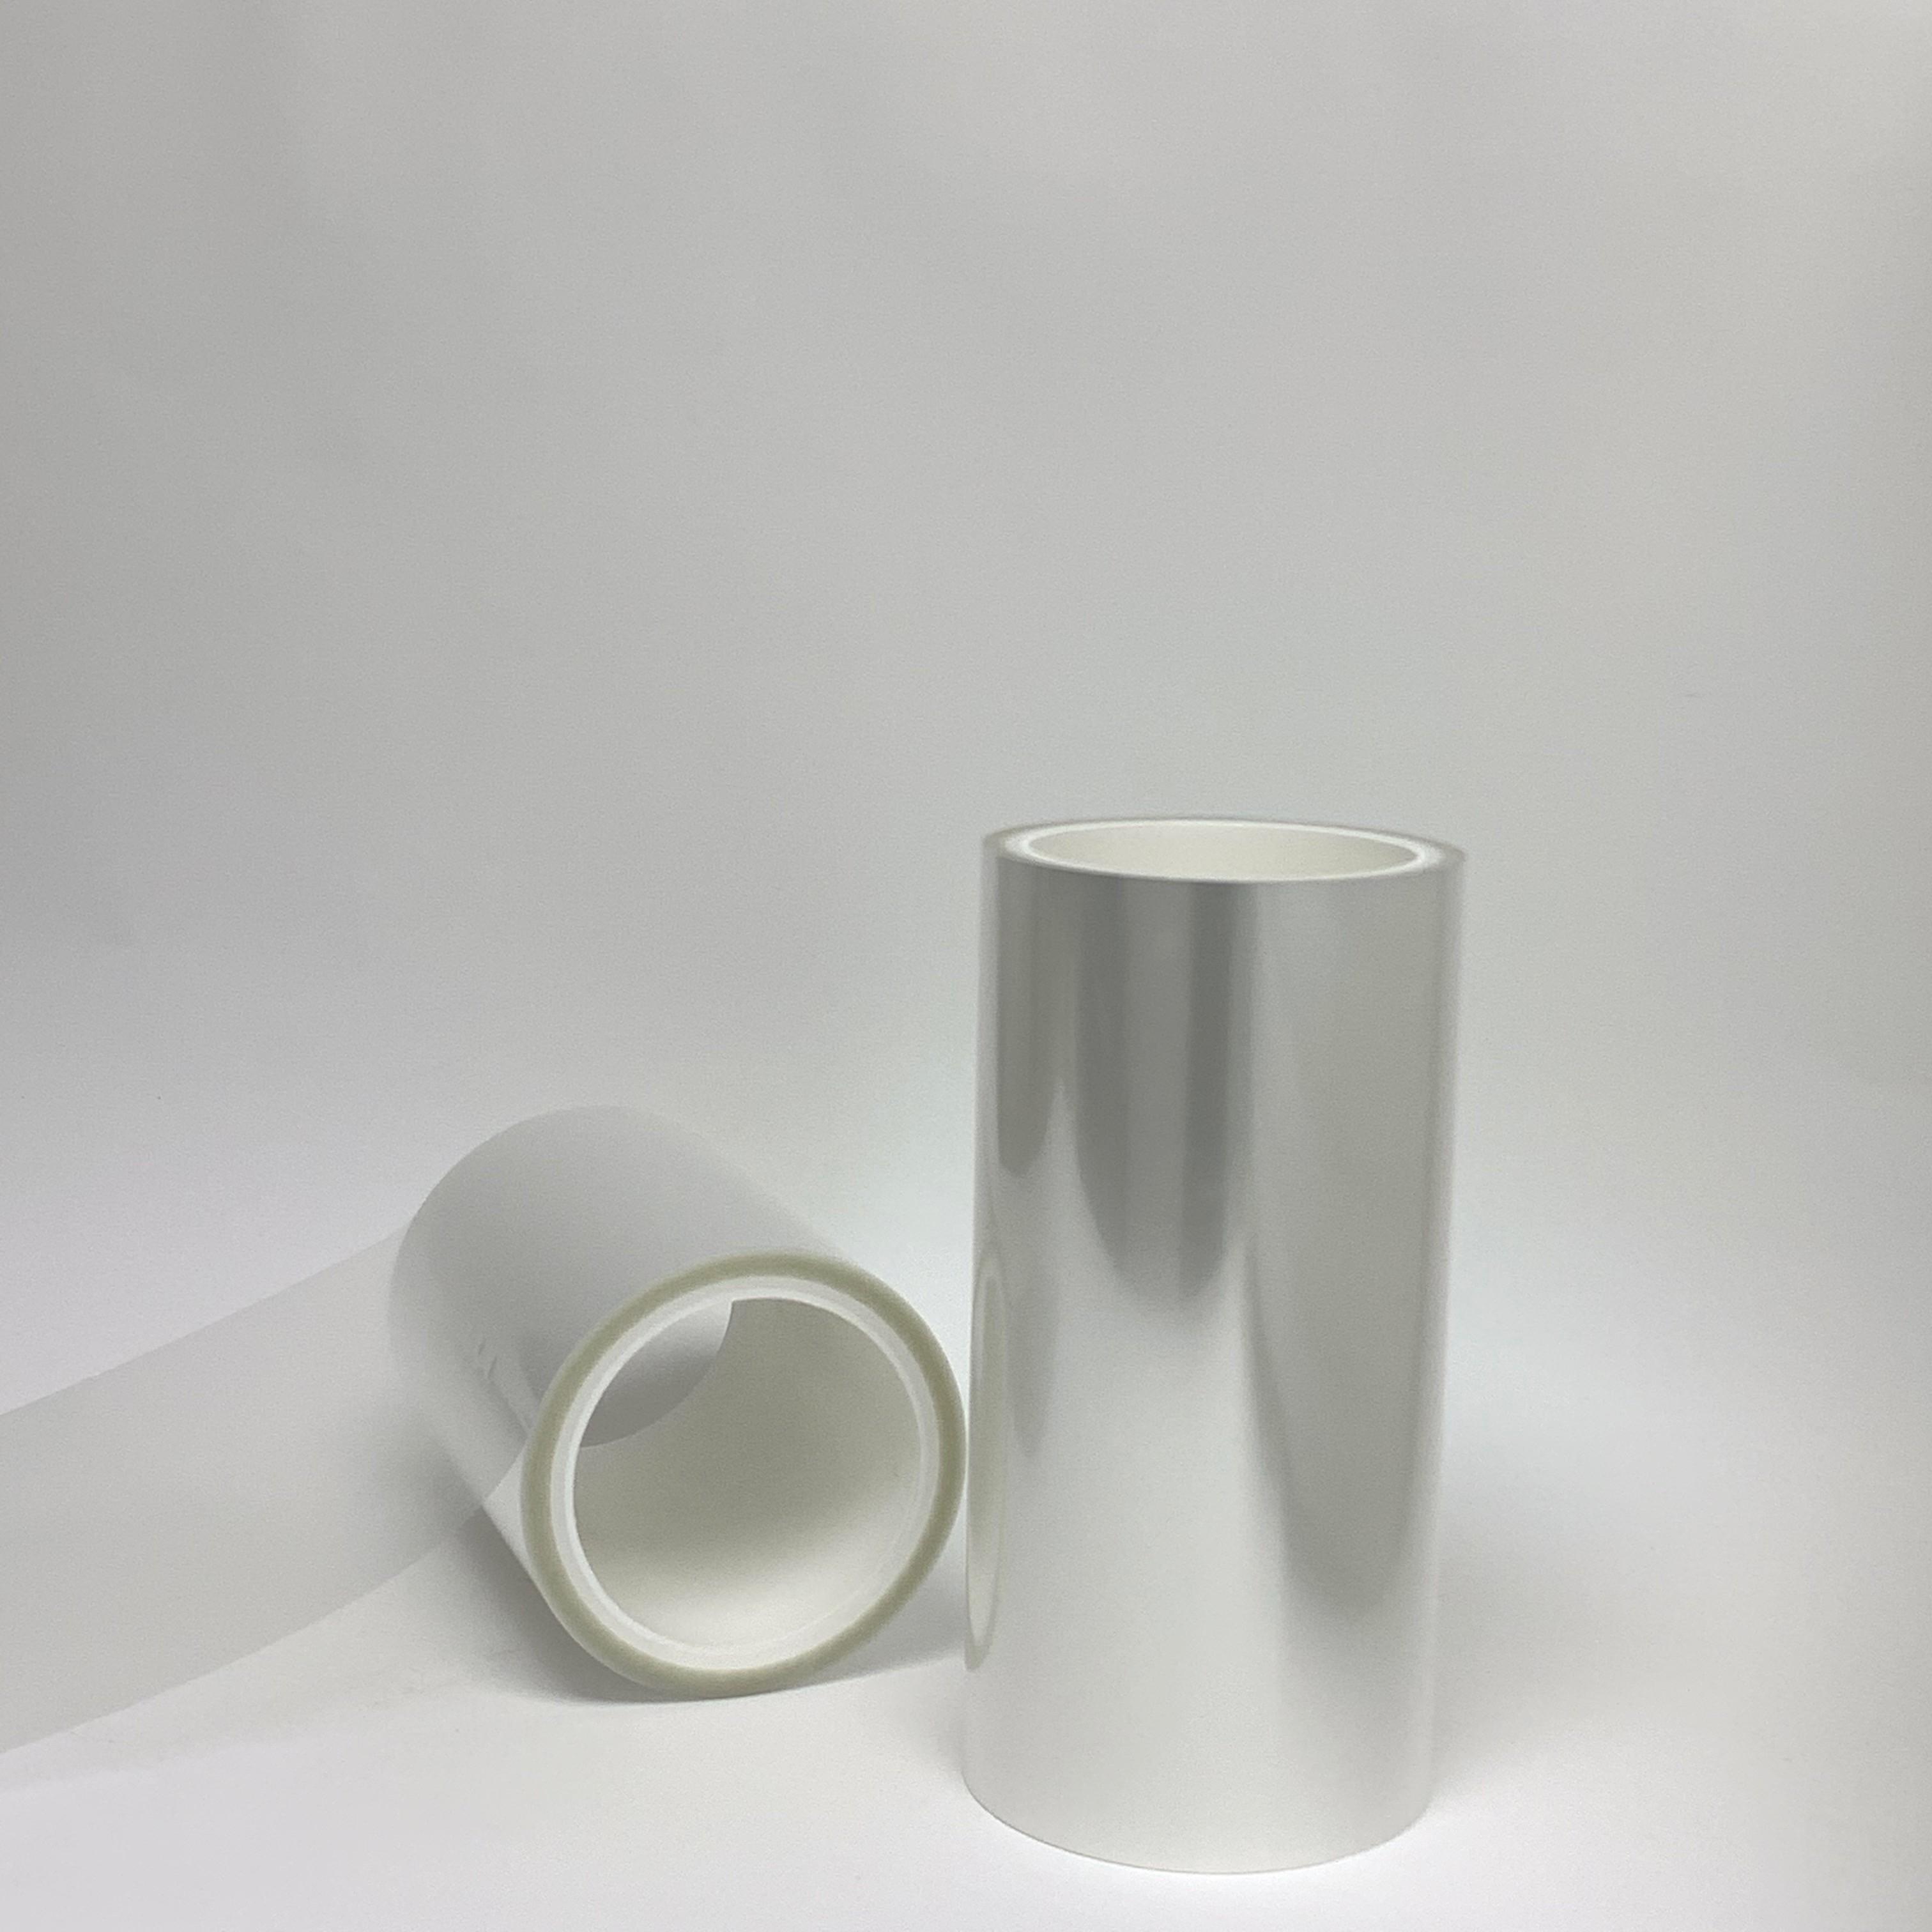 免费拿样丨佛山pet网纹硅胶表面保护膜